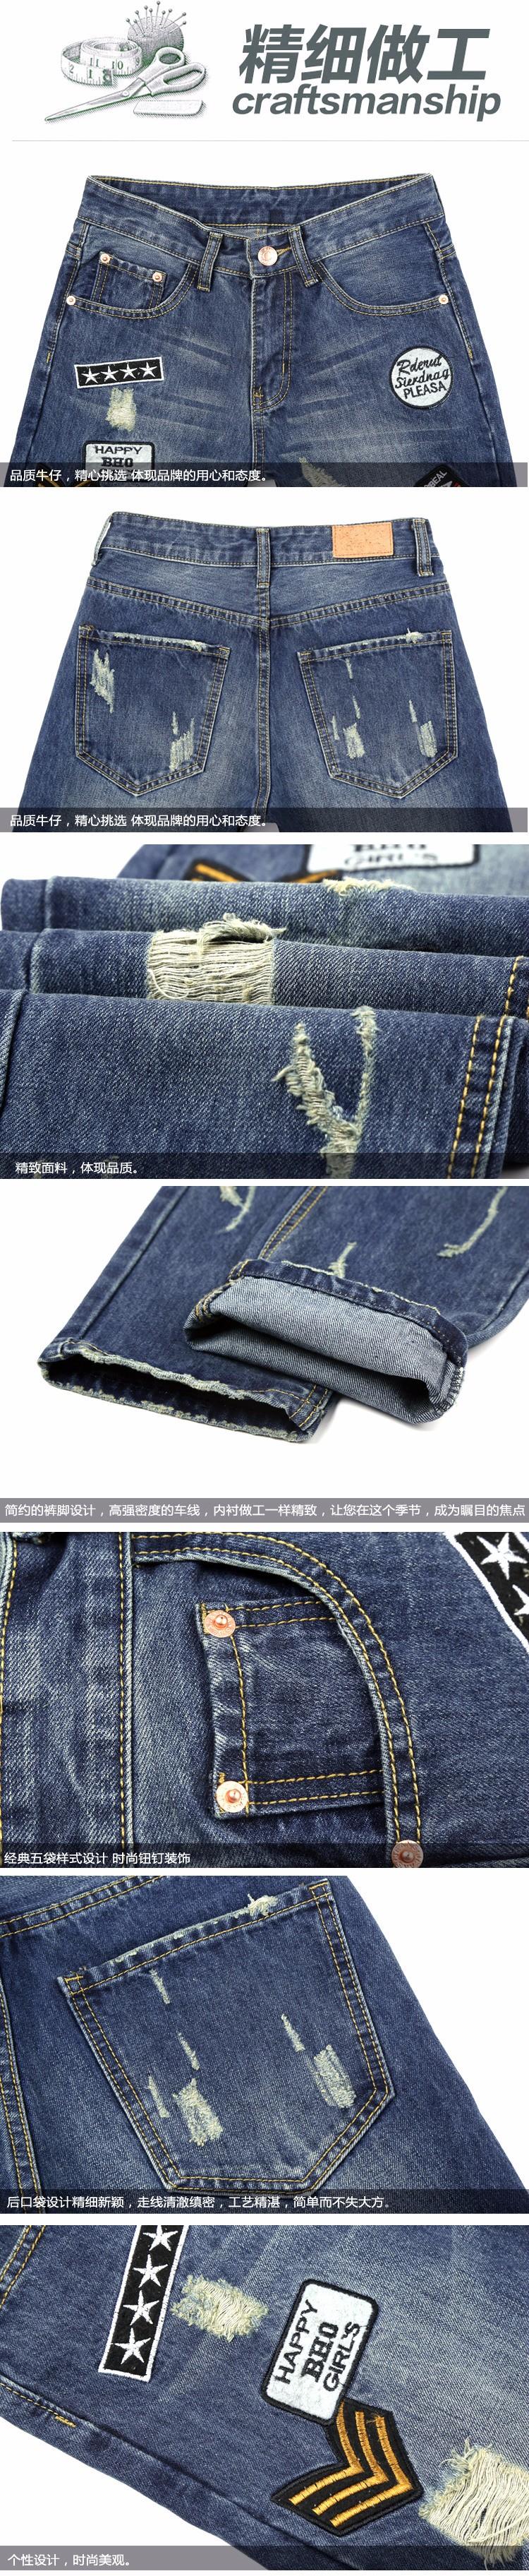 Скидки на 2017 весенняя мода джинсы отверстие мужские джинсы люксовый бренд ripped распечатать прямо джинсовые брюки случайный джентльмен уменьшают джинсы мужчины